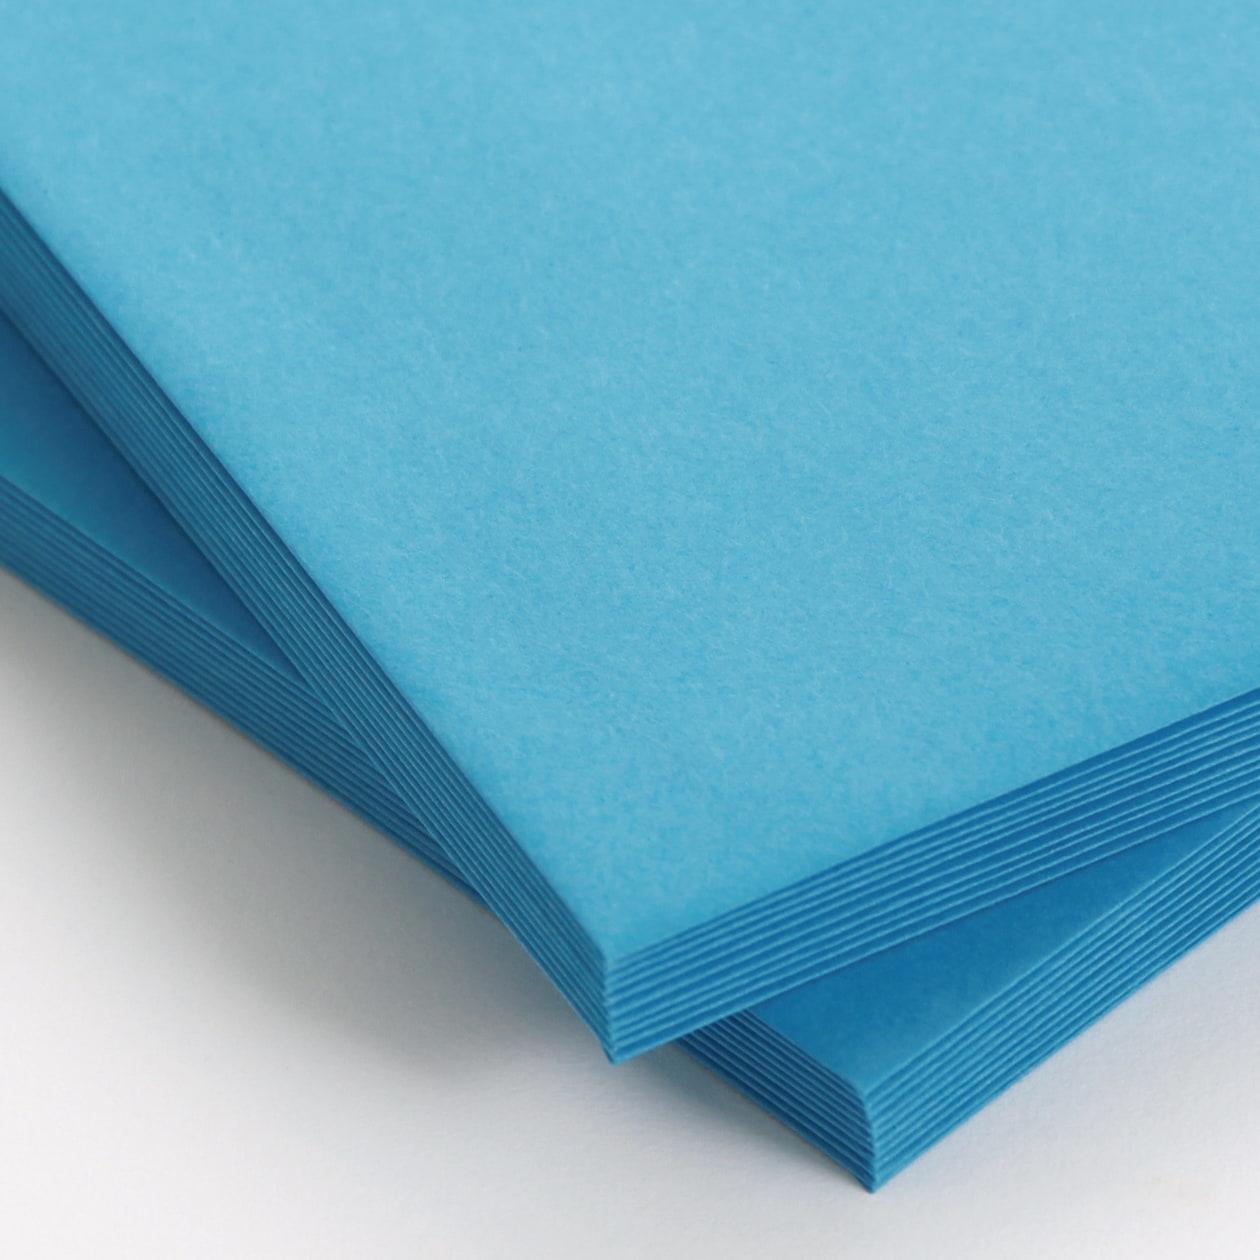 角2はこ貼封筒 コニーカラー ブルー 120g